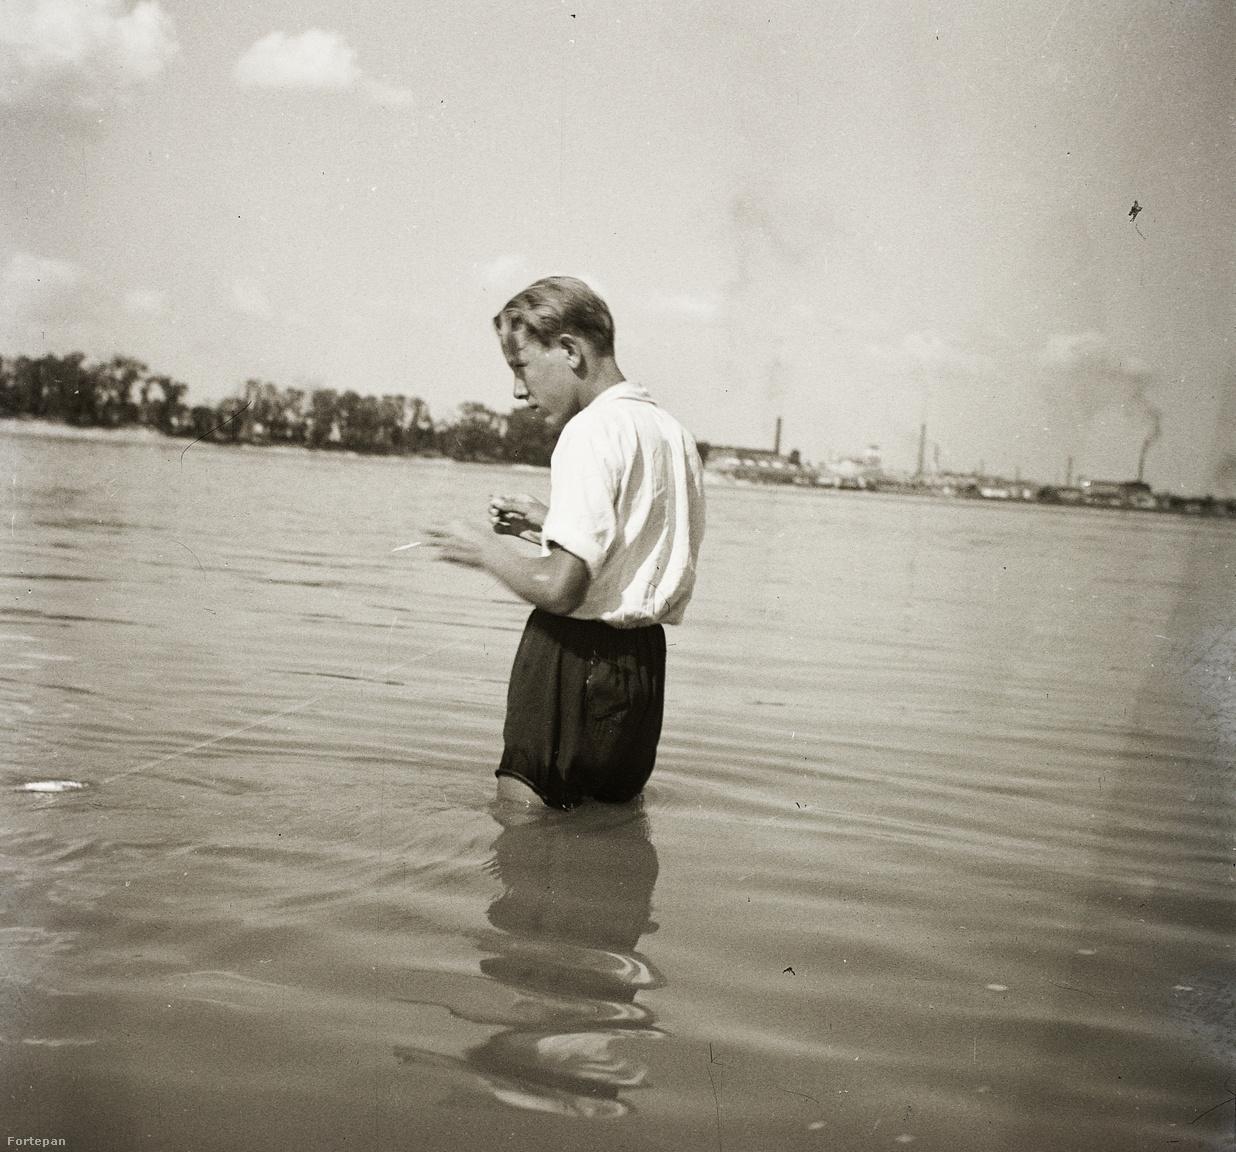 """A cigarettázó kocahorgászt ábrázoló kép 1935-ben készült, vélhetően a Római-part környékén, szemközt mintha az újpesti cérnagyár kéménye füstölögne. Horgászunk bot nélküli szerelékkel, népies nevén """"zsebpecával"""" próbálkozik. Bizonyára még nem tapasztalta meg, hogy a cigaretta nem túl szerencsés aktív horgászat közben, mert könnyen elégeti a vékony műanyagzsinórt. Bár az évszámból ítélve lehet, hogy inkább vastagabb cérnát használ, amit talán a szemközti gyárban készítettek."""